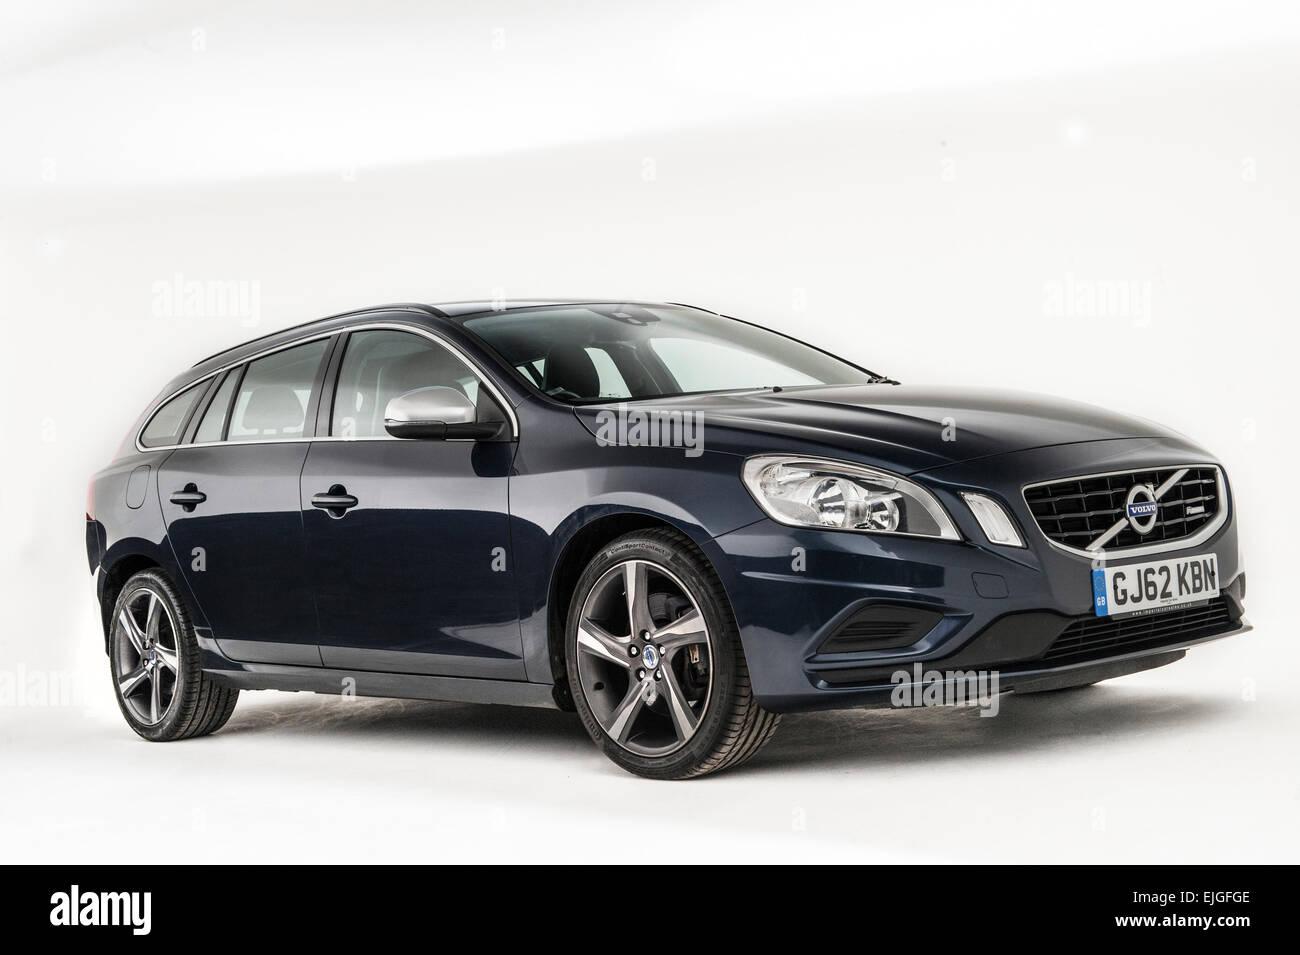 2012 Volvo V60 - Stock Image